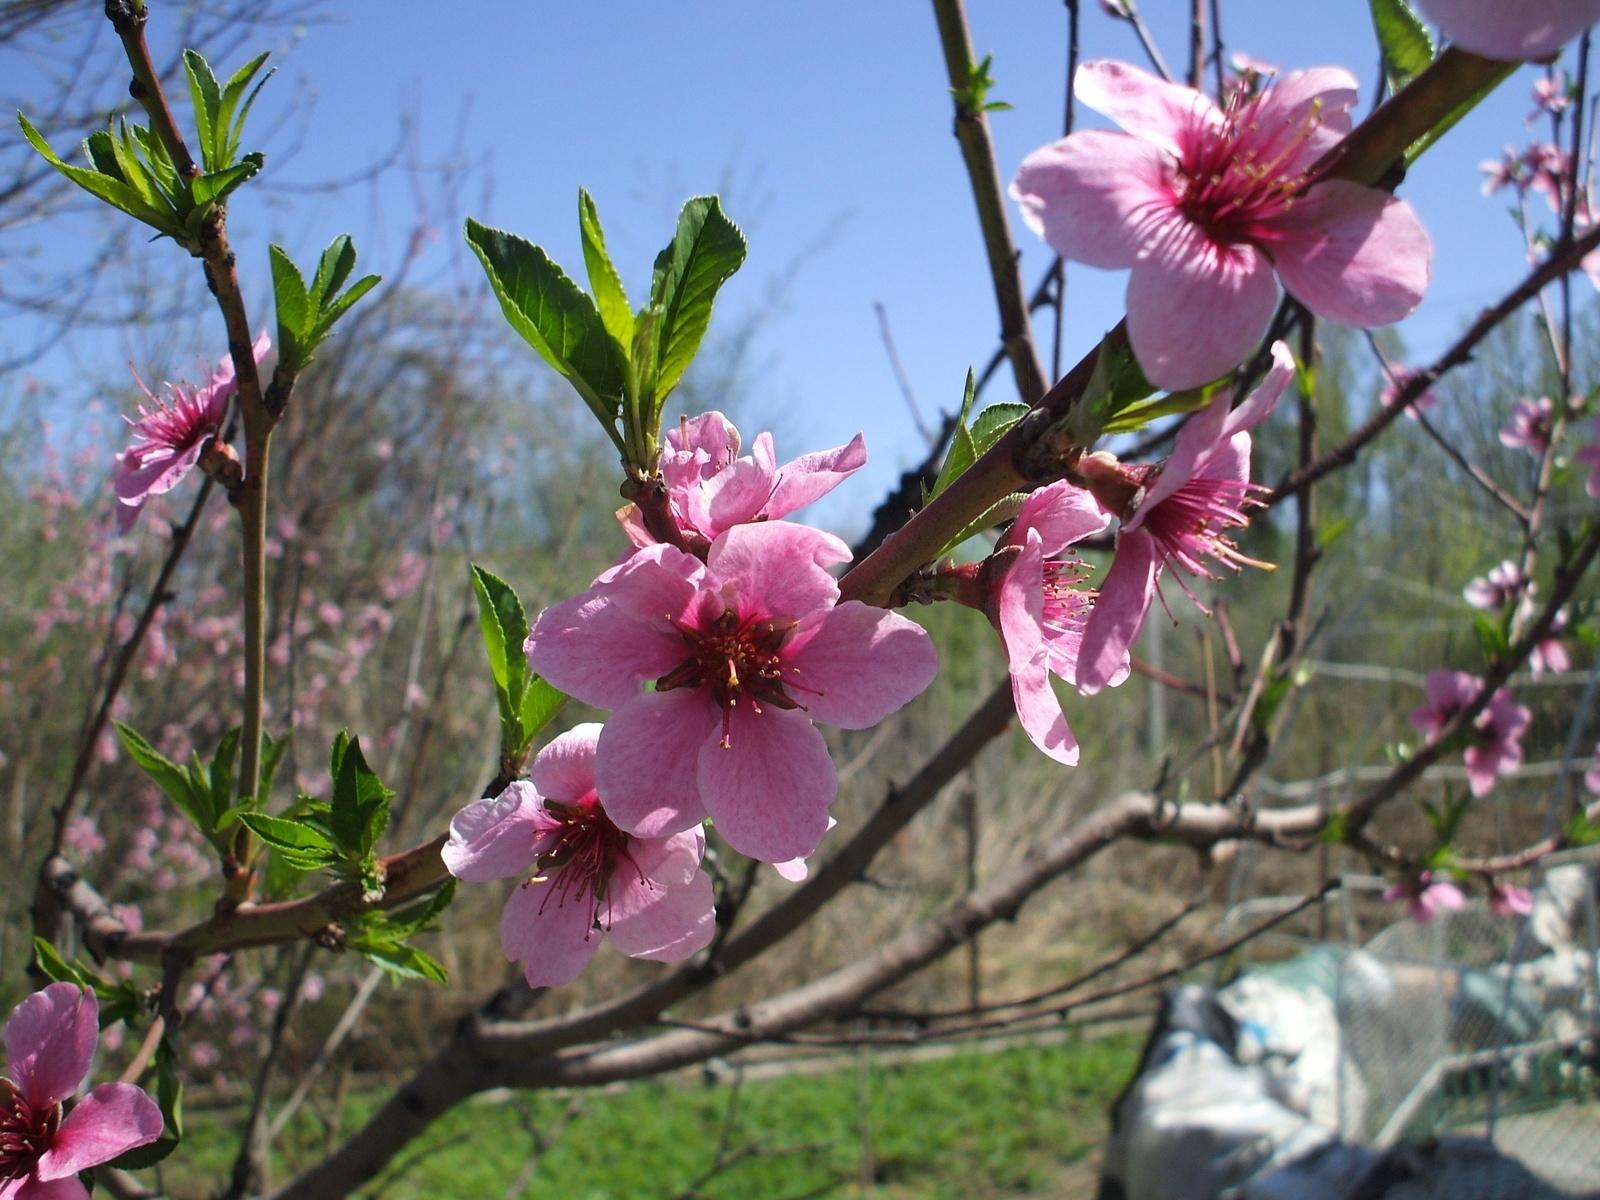 10064 descargar fondo de pantalla Plantas, Flores: protectores de pantalla e imágenes gratis